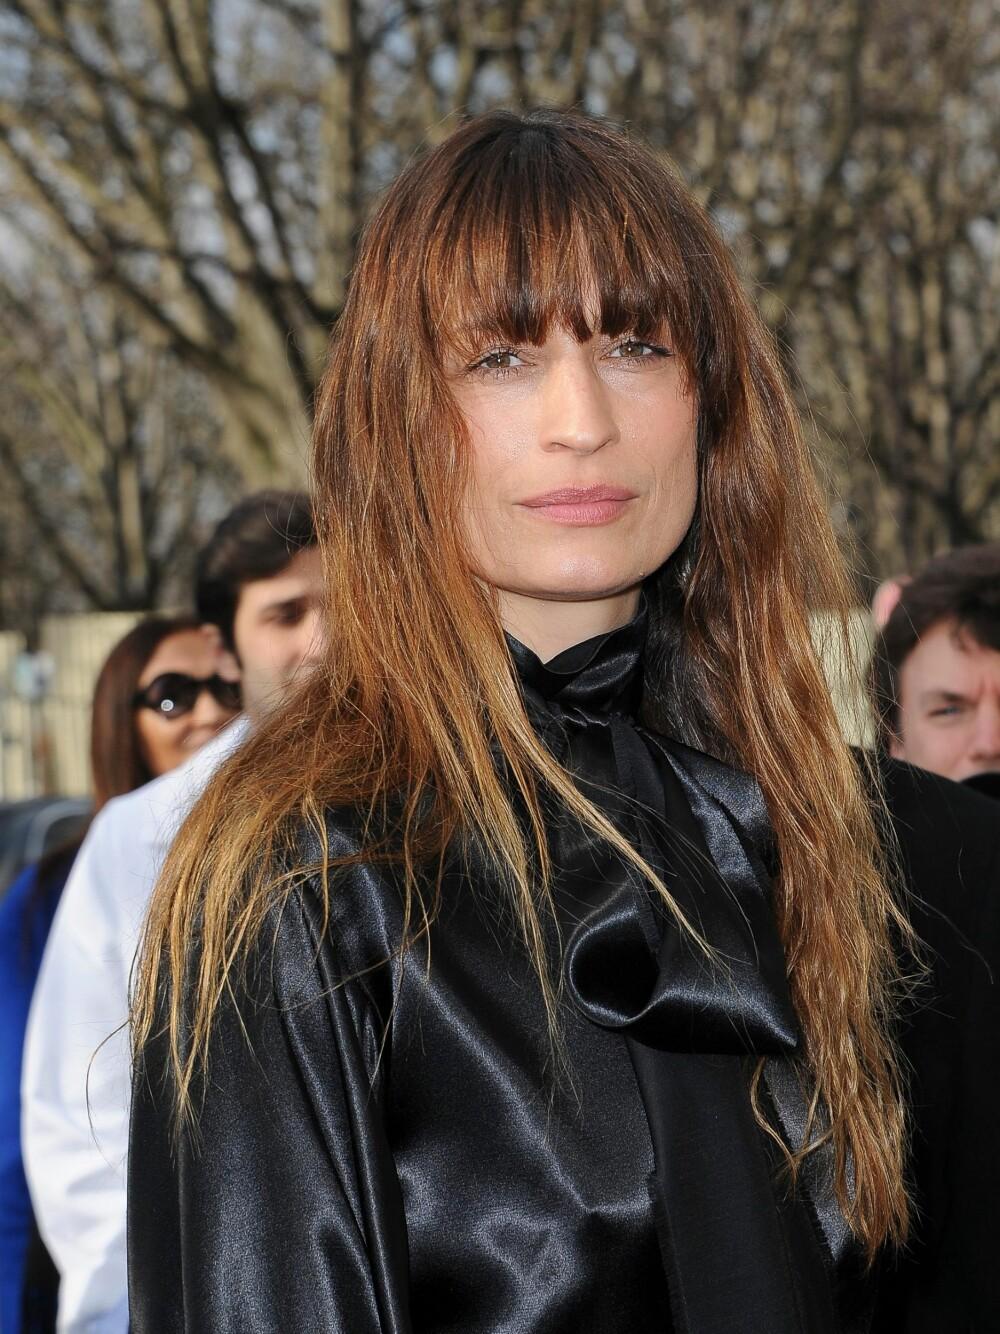 40-ÅRA: Den franske supermodellen Caroline De Maigret runder snart 40 år, og er hottere enn noen gang!